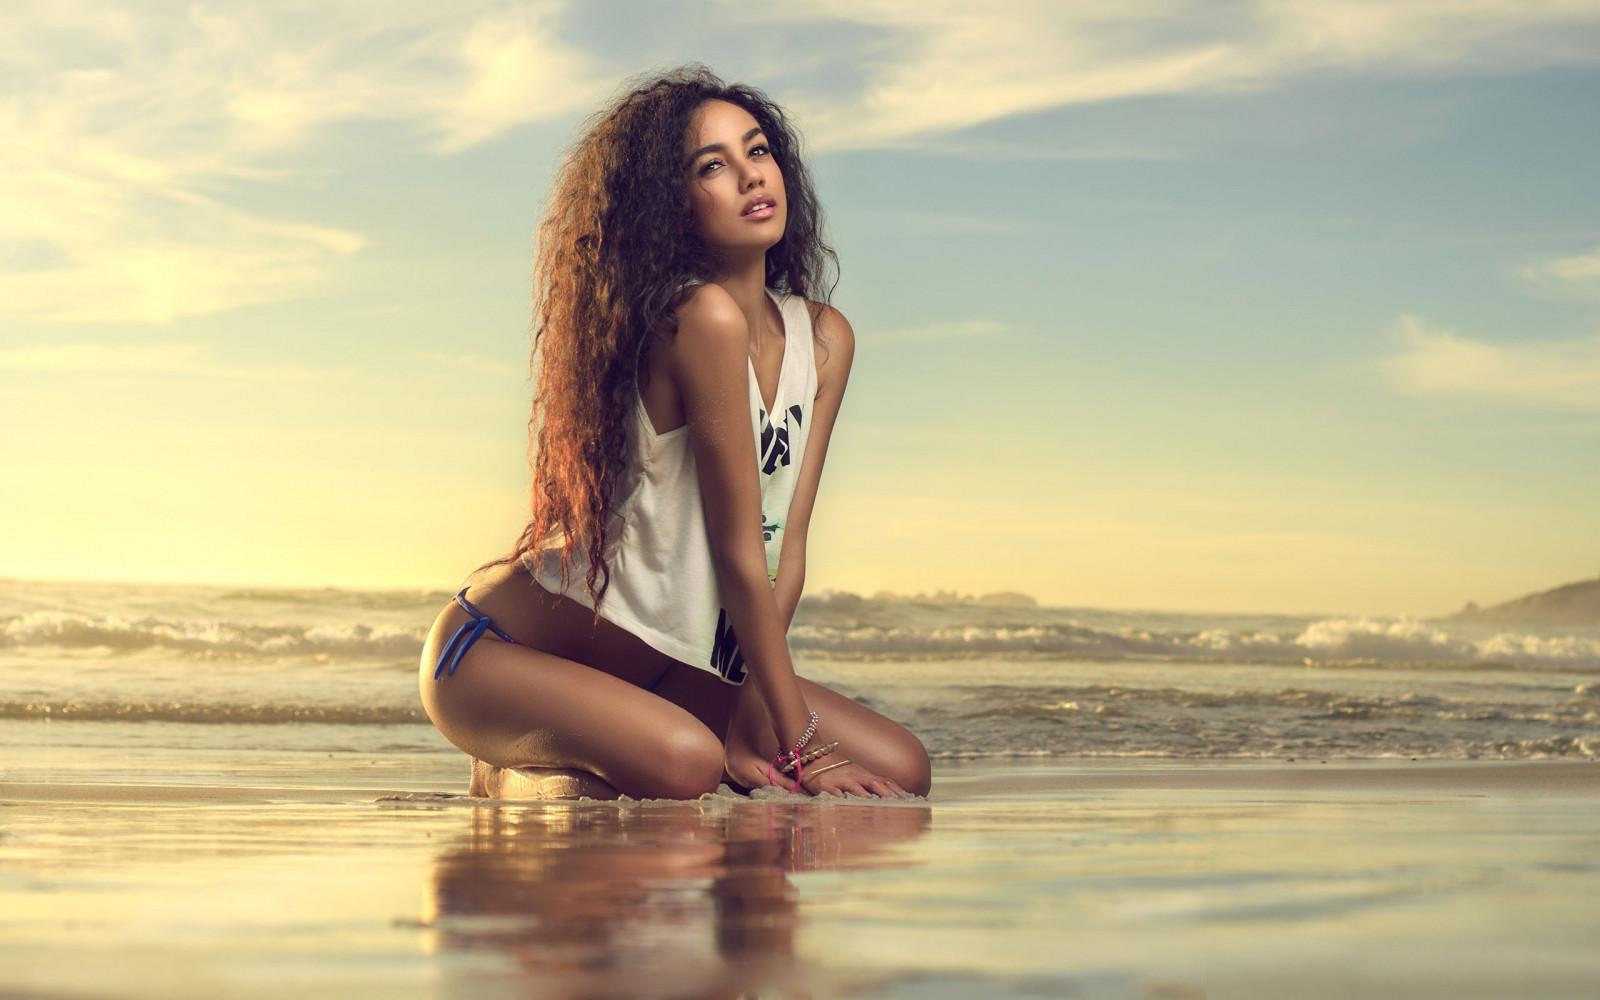 Wallpaper  Sunlight, Women Outdoors, Sea, Long Hair -6869